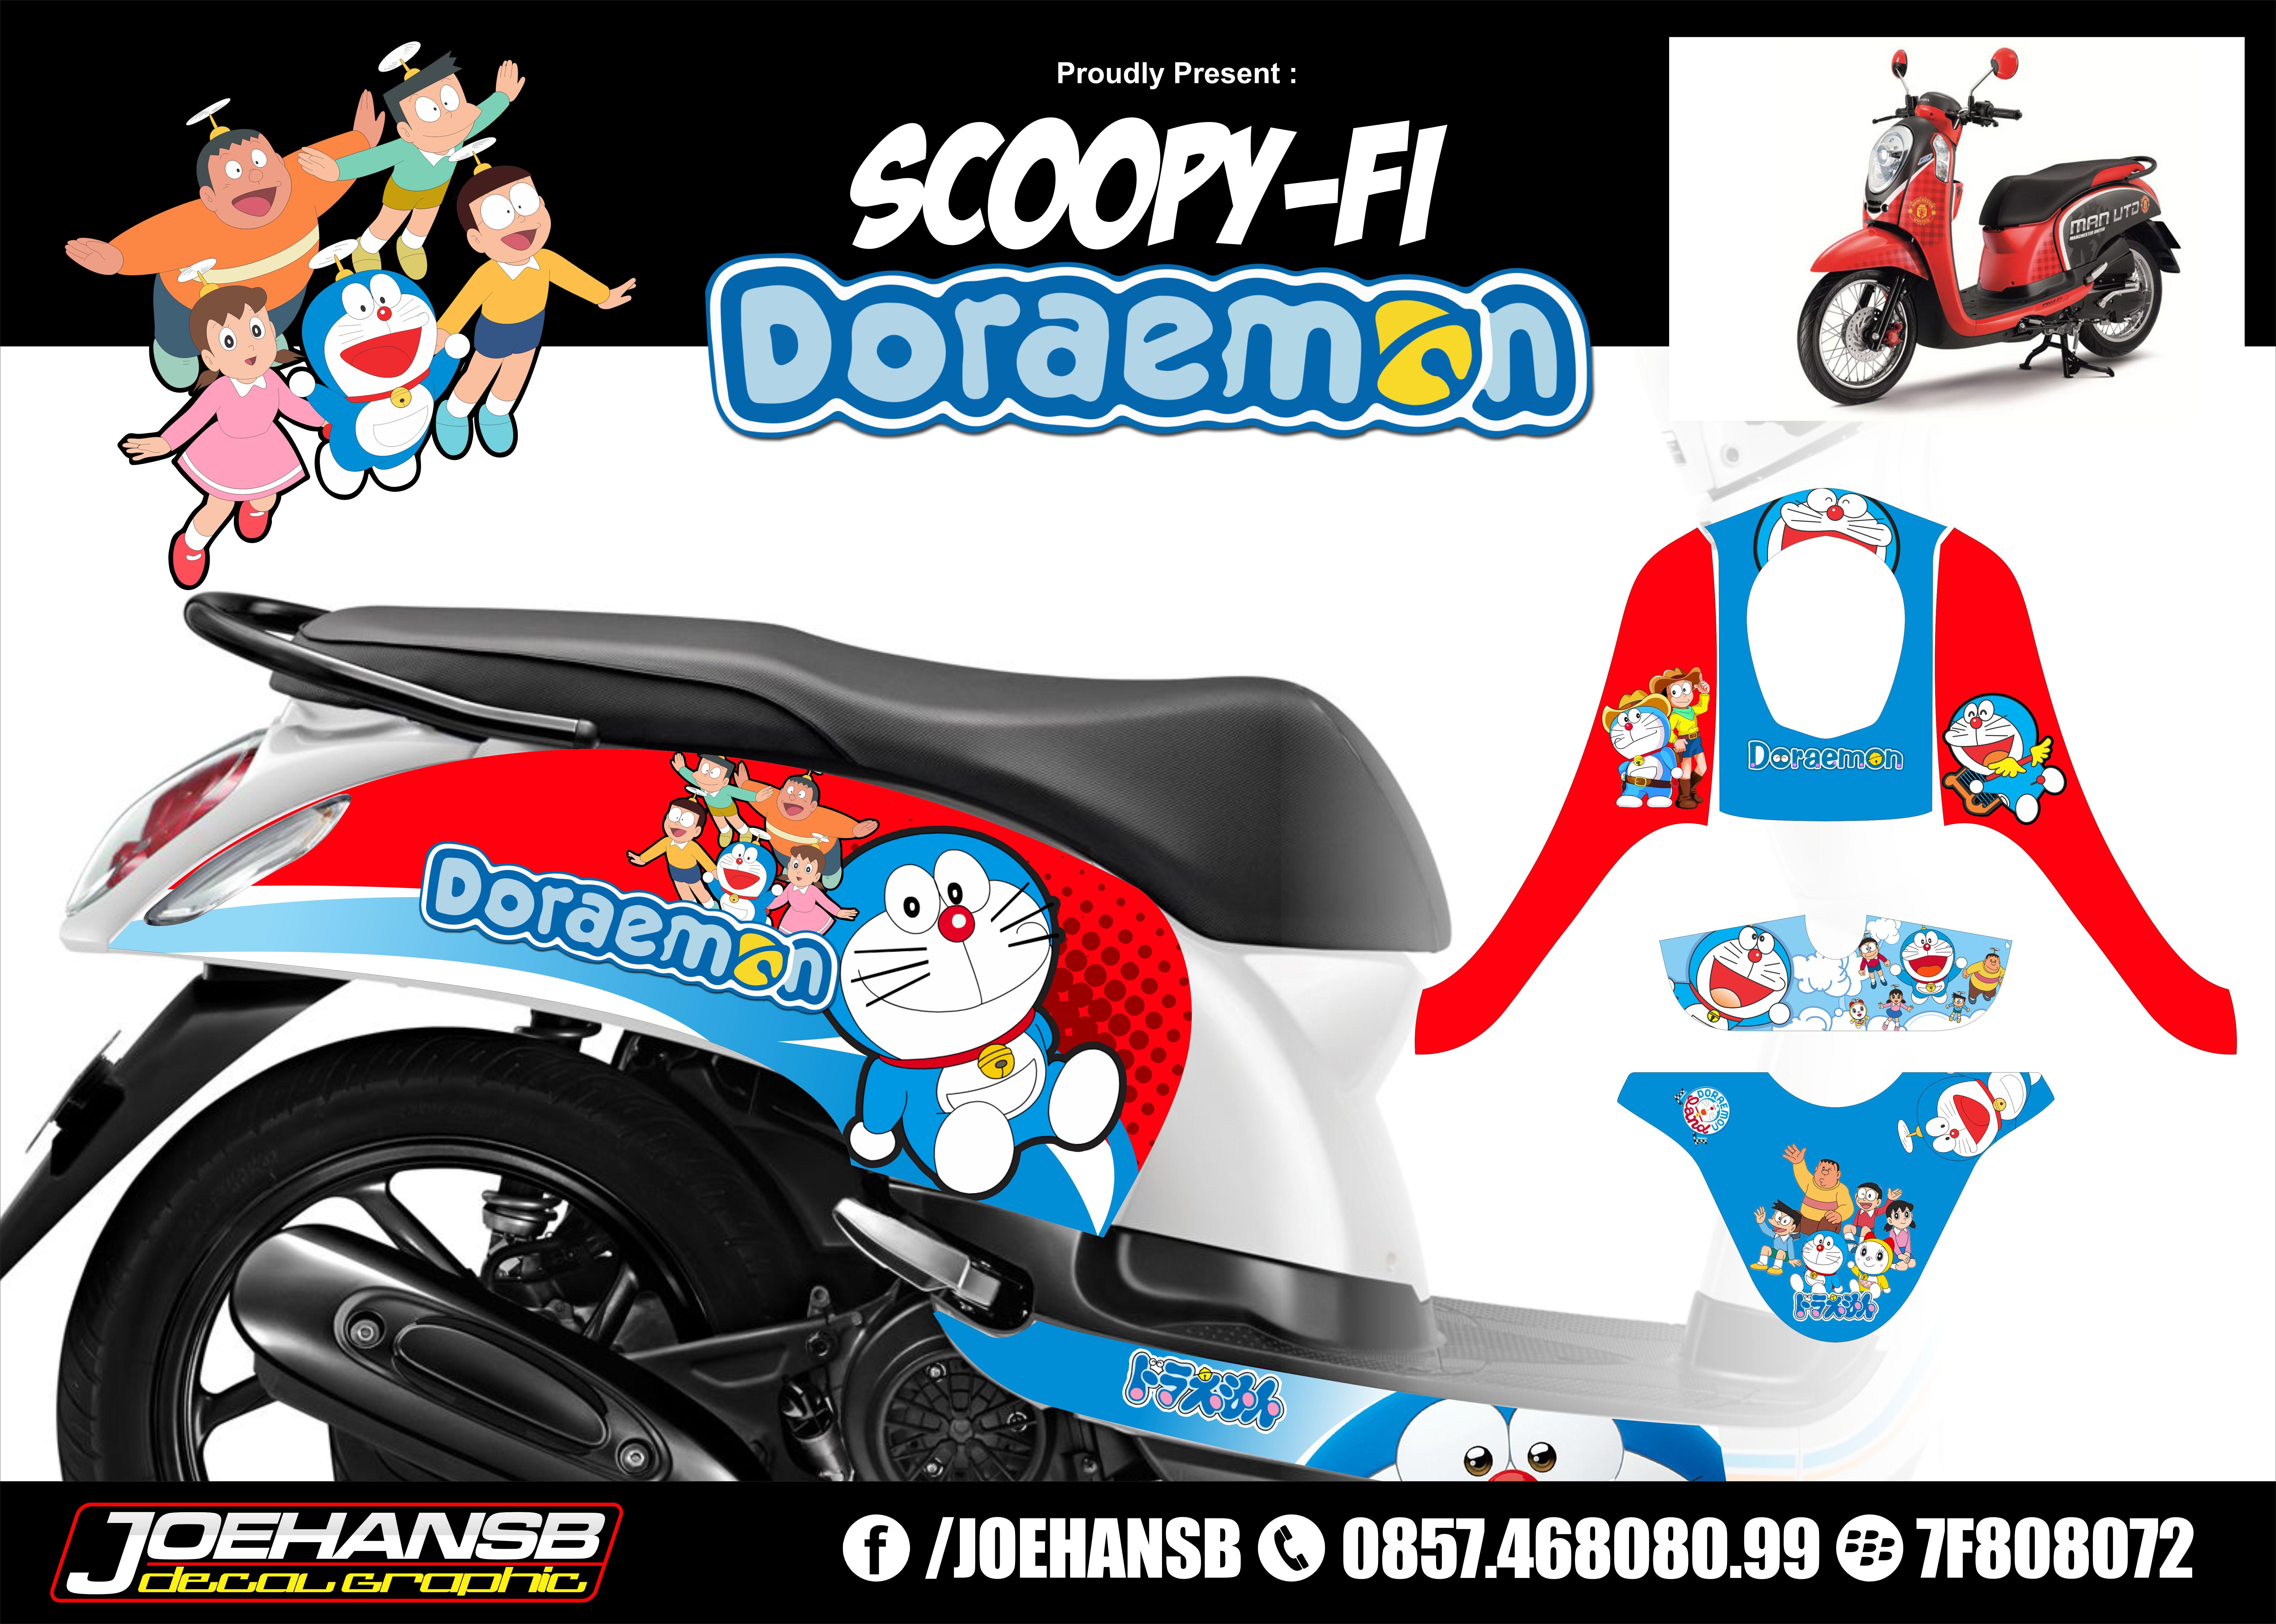 98 Modif Motor Scoopy Doraemon Terlengkap Kumbara Modif